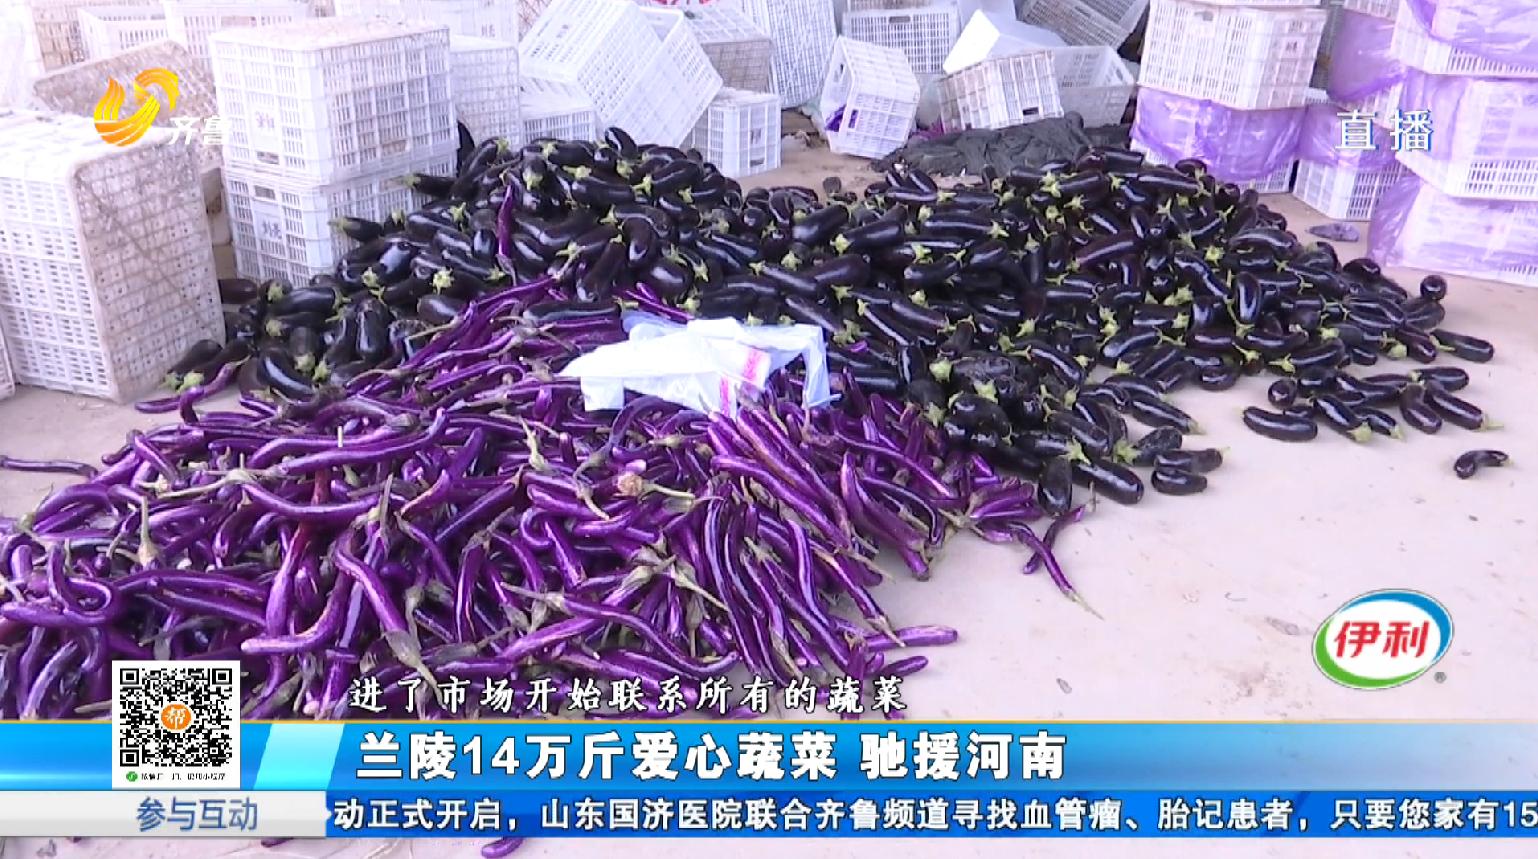 兰陵14万斤爱心蔬菜 驰援河南